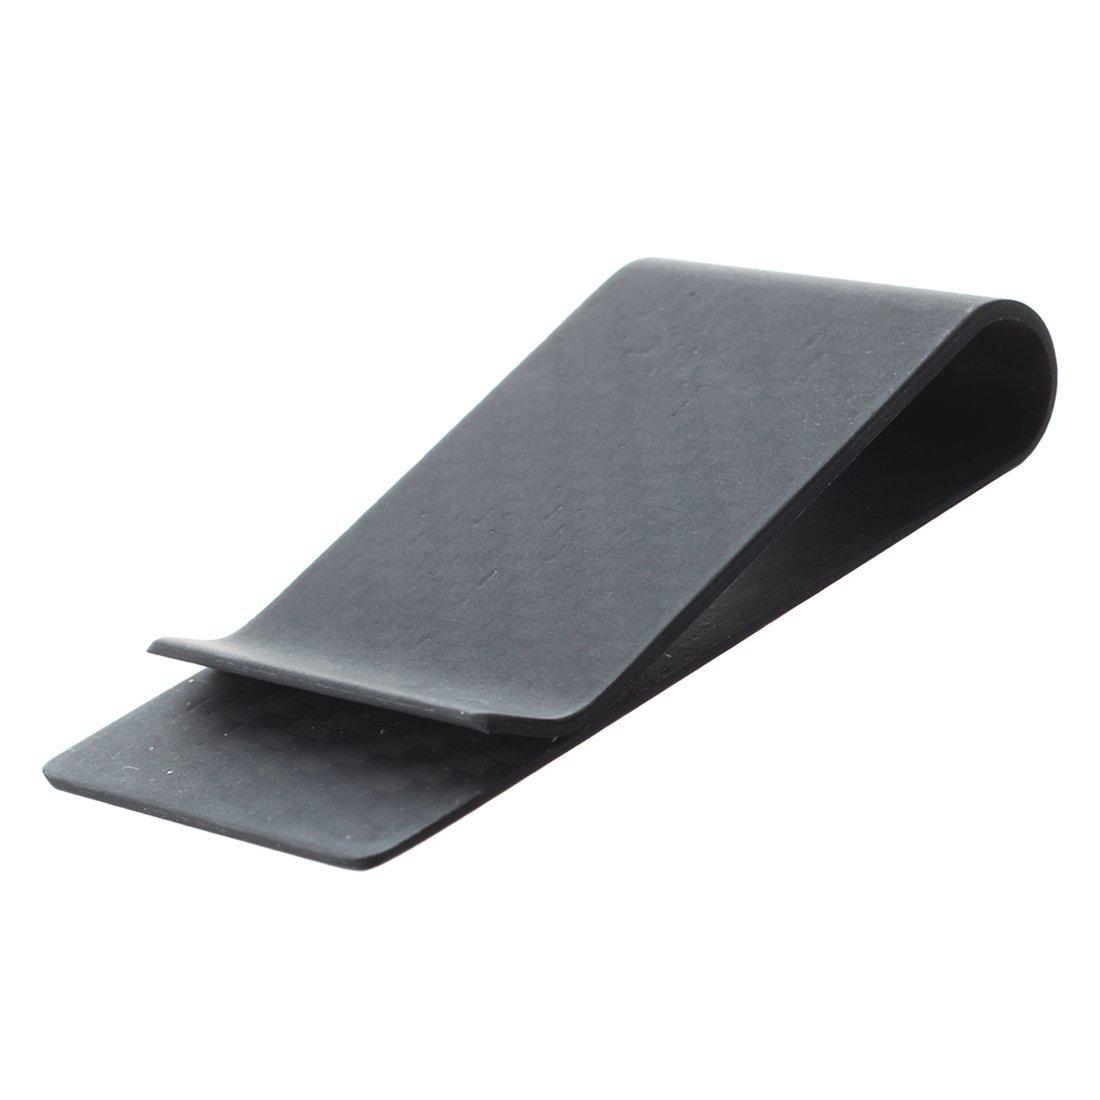 Carbon Fiber Money Clip - TOOGOO(R) Real Carbon Fiber Money Clip Business Card Credit Card Cash Wallet (Matte) SODIAL SPHAGT49502